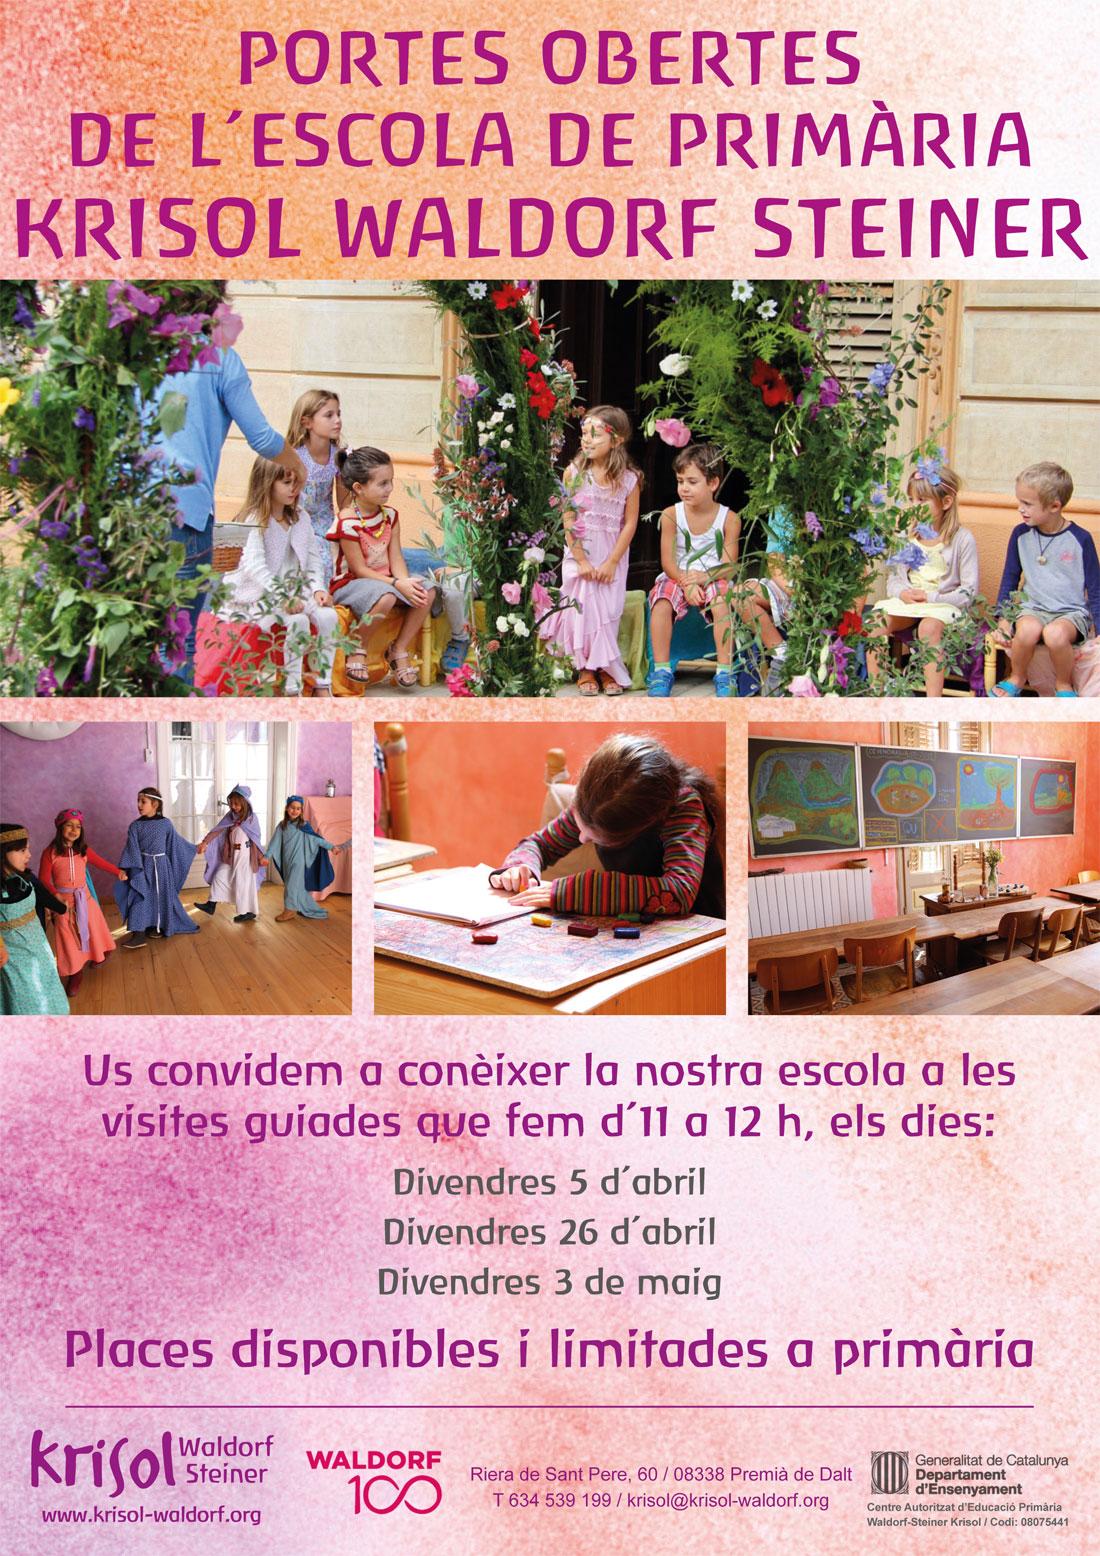 Portes obertes de l´escola de primària Krisol Wardorf Steiner